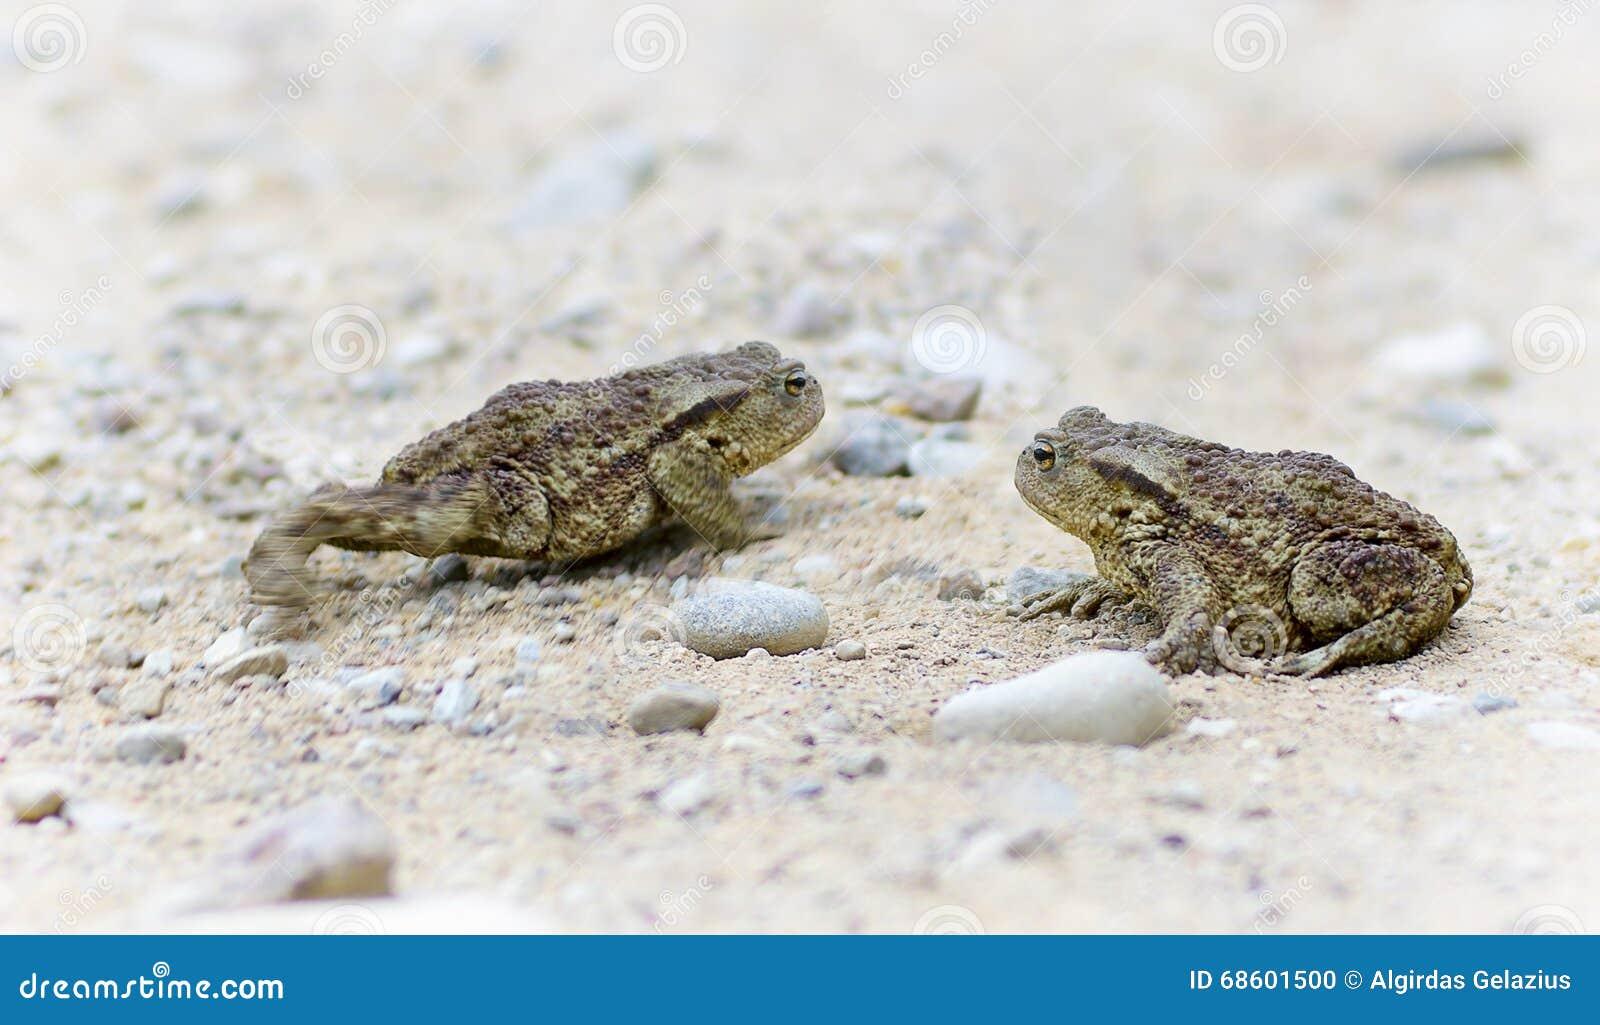 Δύο φρύνοι στο αμμοχάλικο